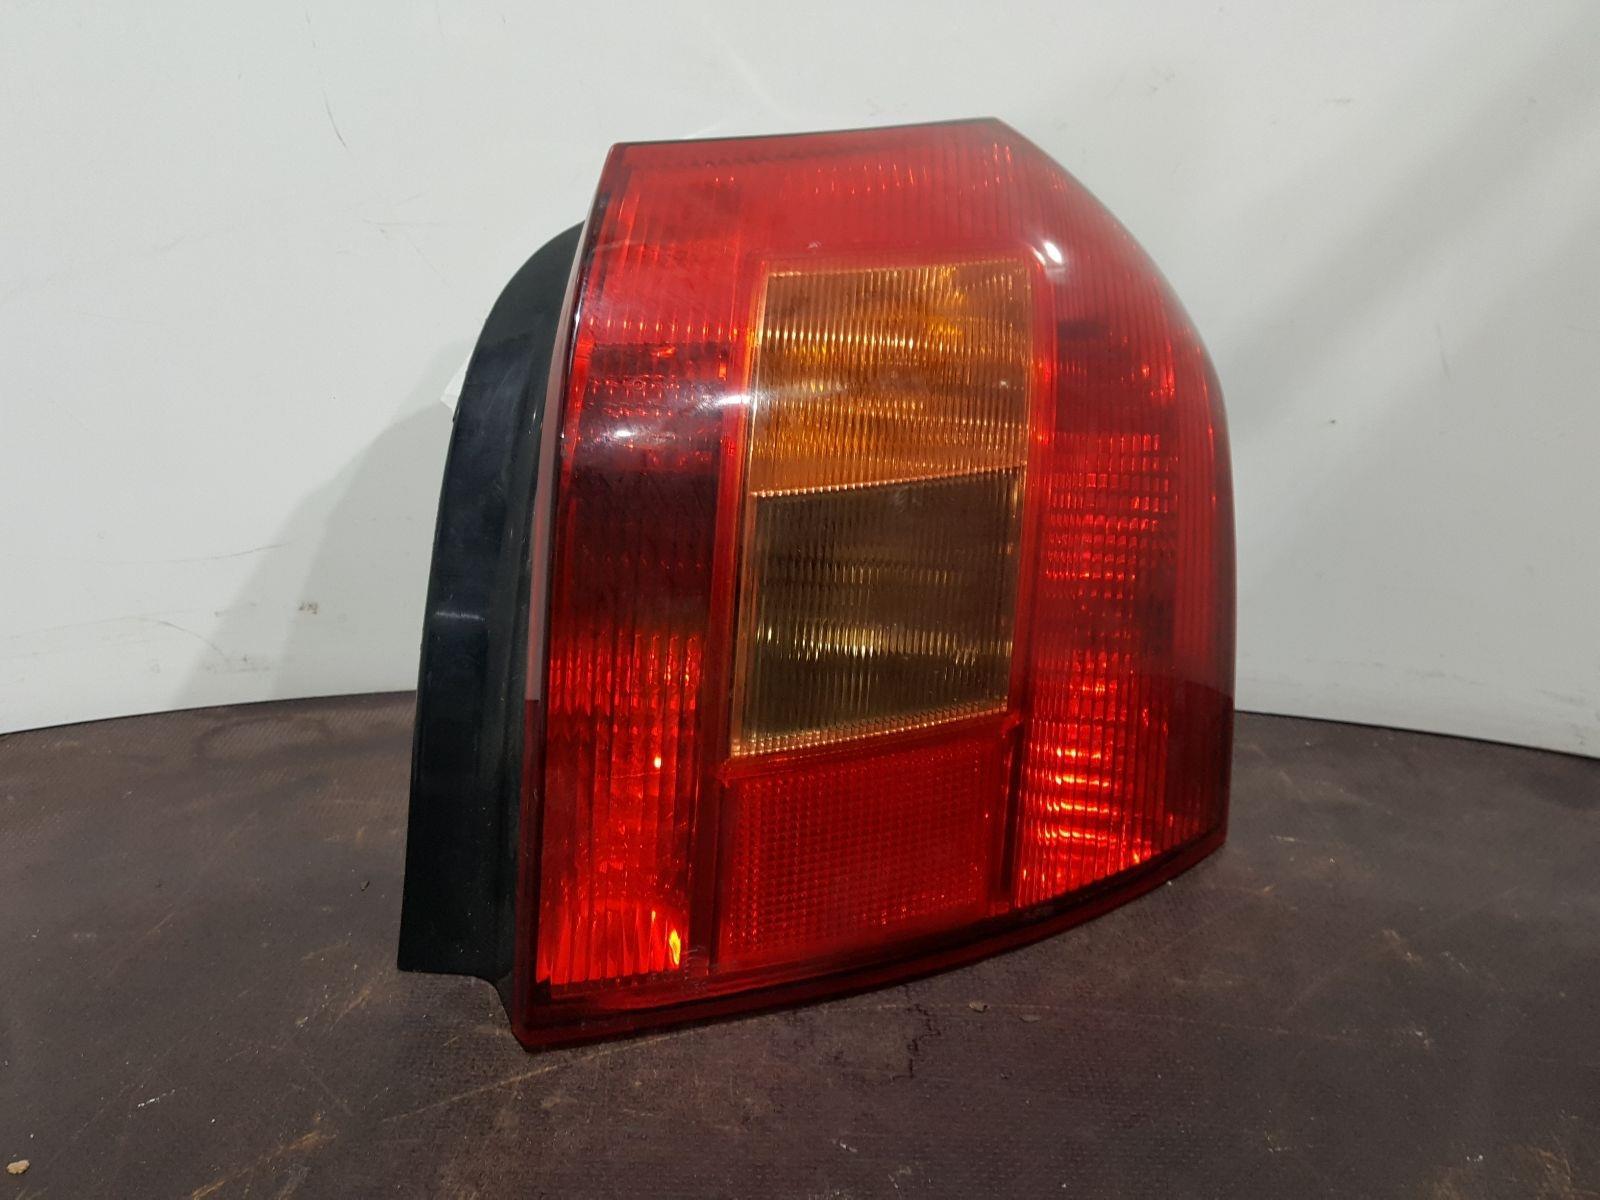 Toyota Corolla Repair Manual: Back up lamp assy lh